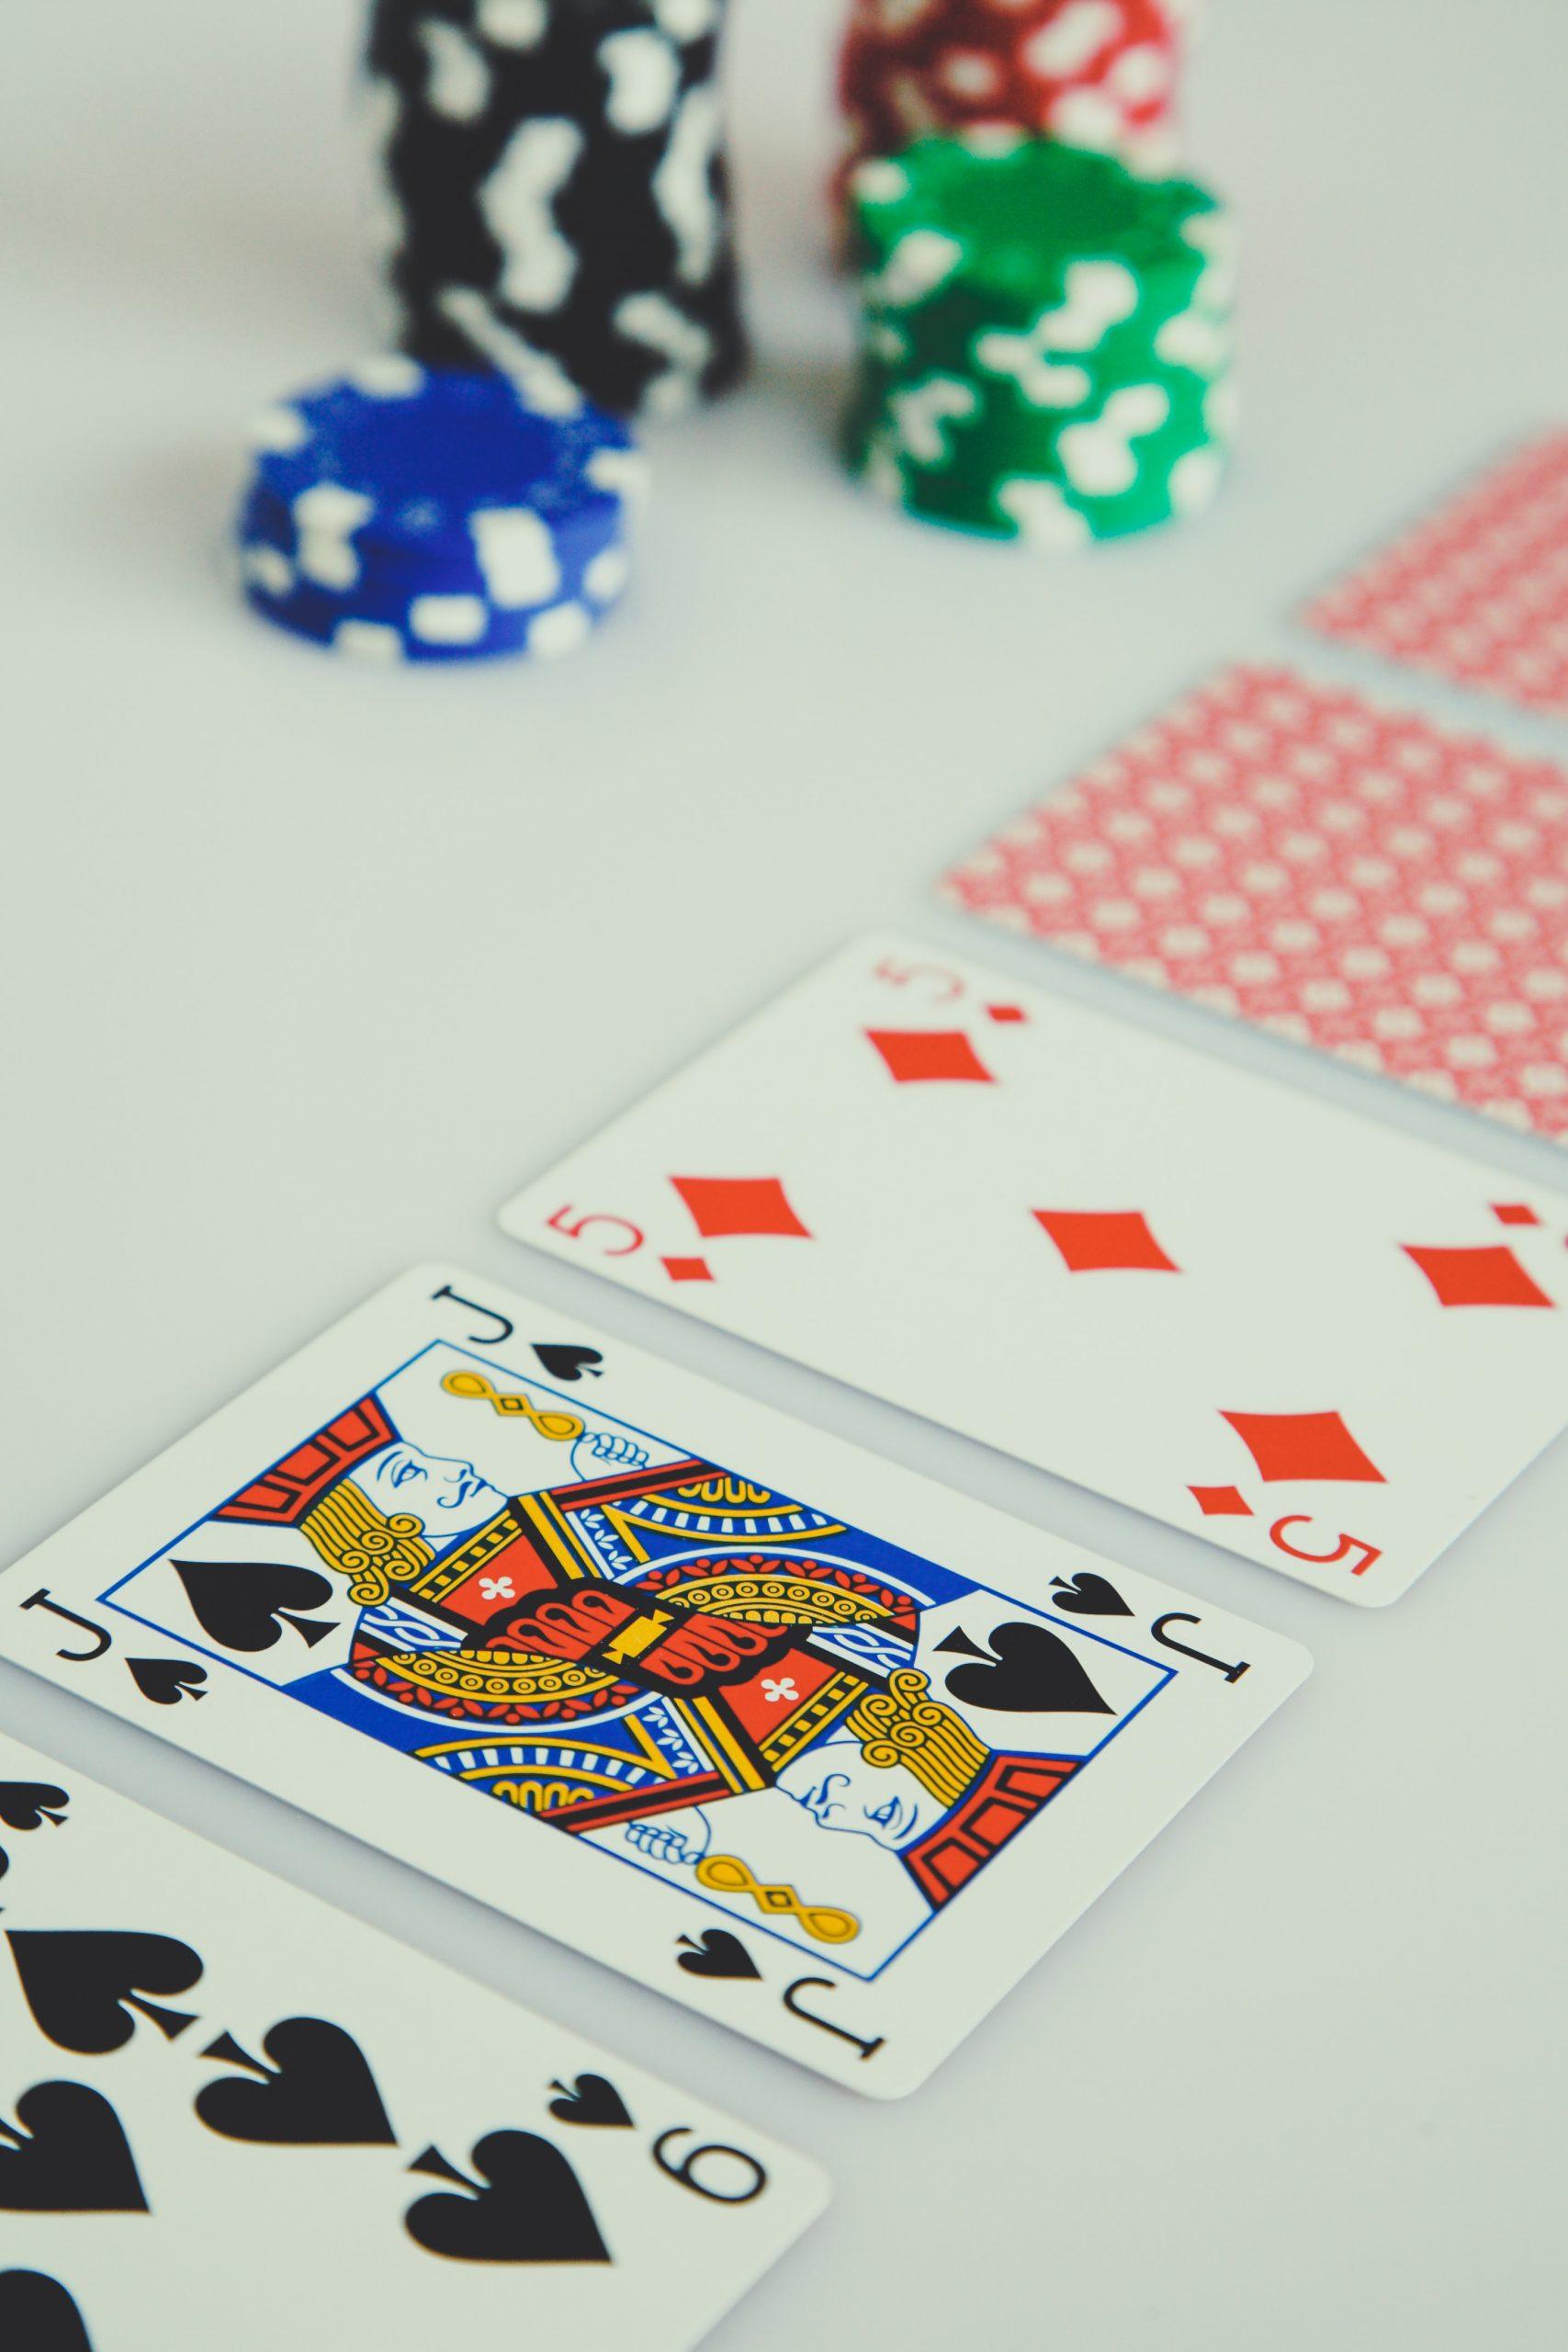 Je bekijkt nu Om casinospellen te spelen via internet